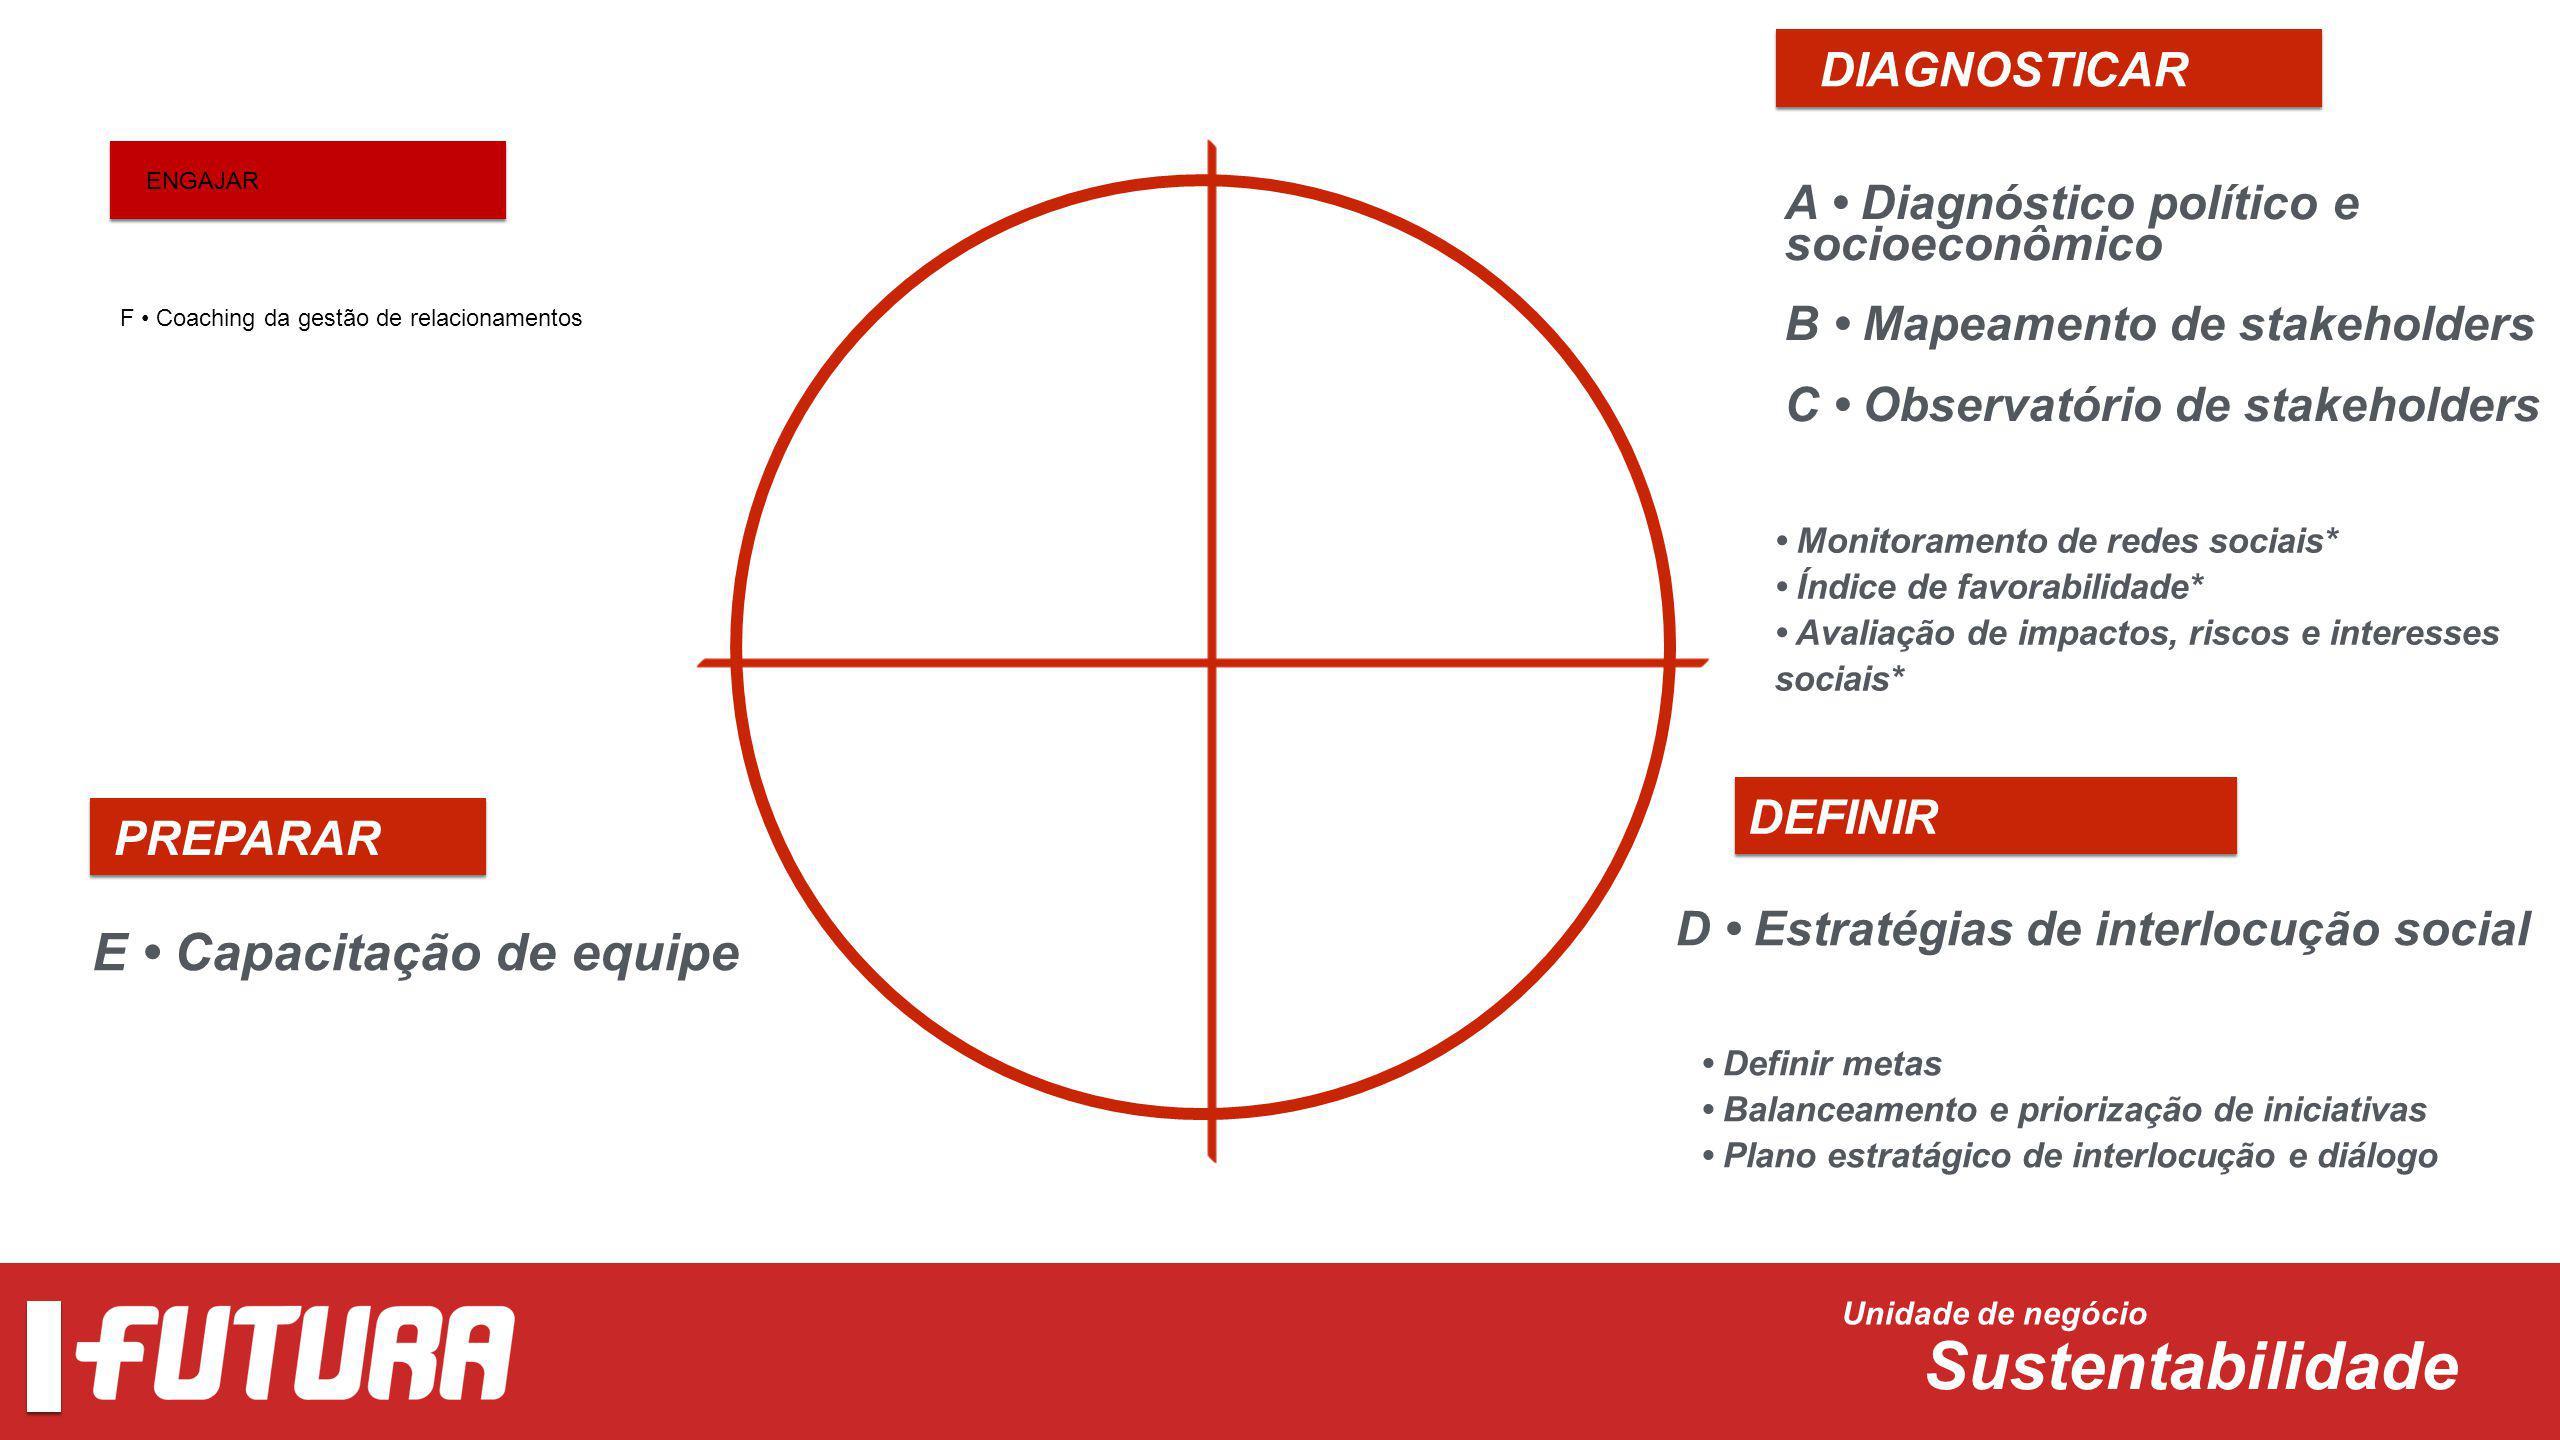 Unidade de negócio Sustentabilidade DIAGNOSTICAR A Diagnóstico político e socioeconômico B Mapeamento de stakeholders C Observatório de stakeholders M